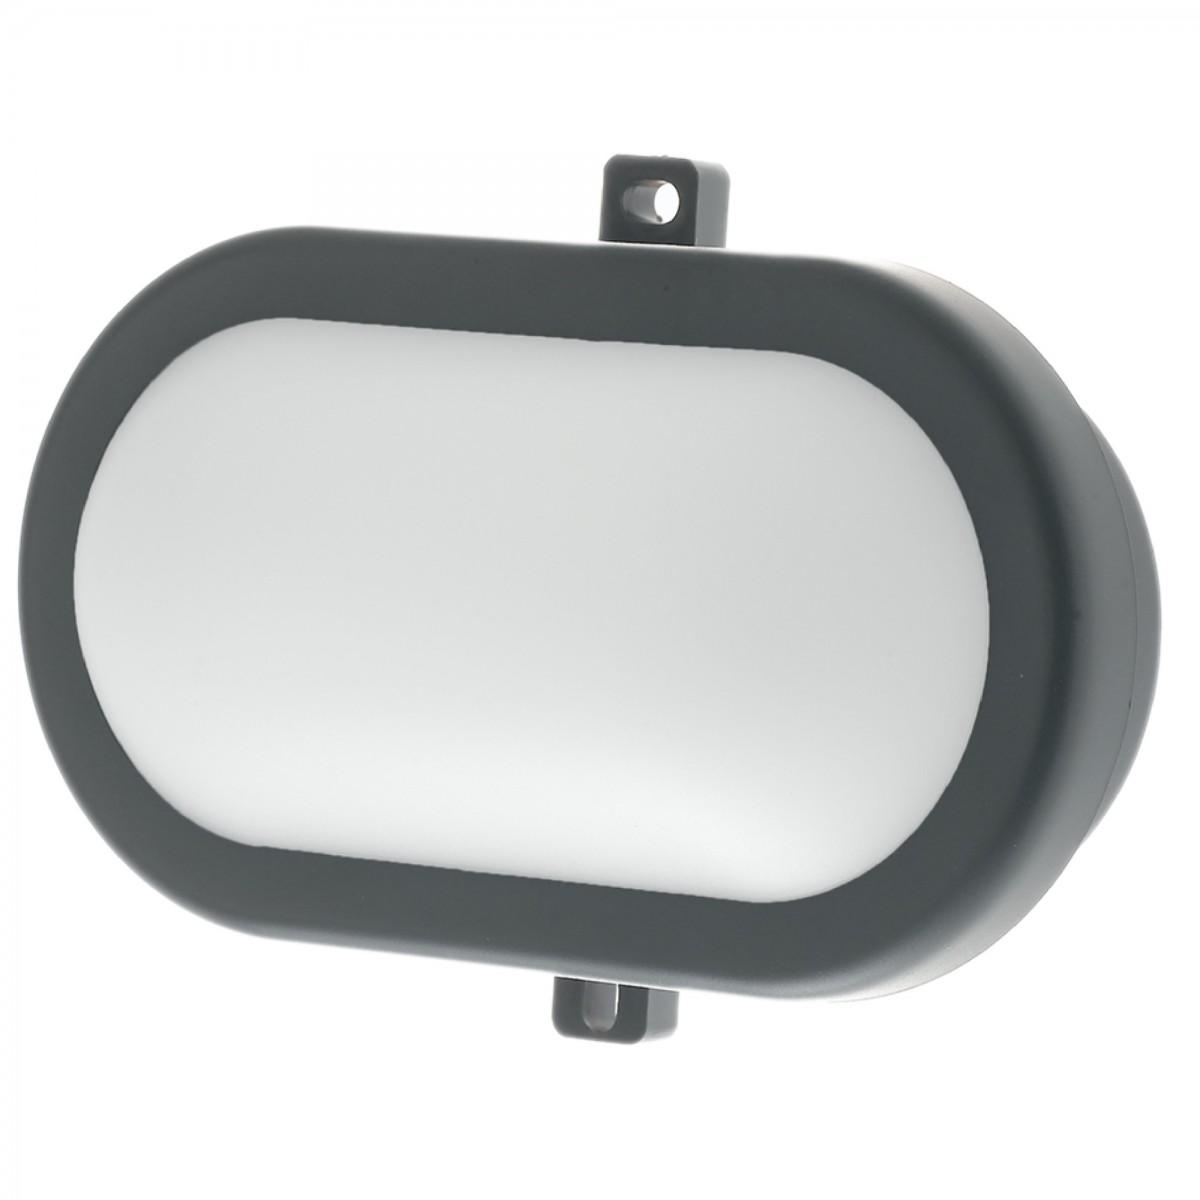 Plafonnier LED noir A + 4000kelvin 10